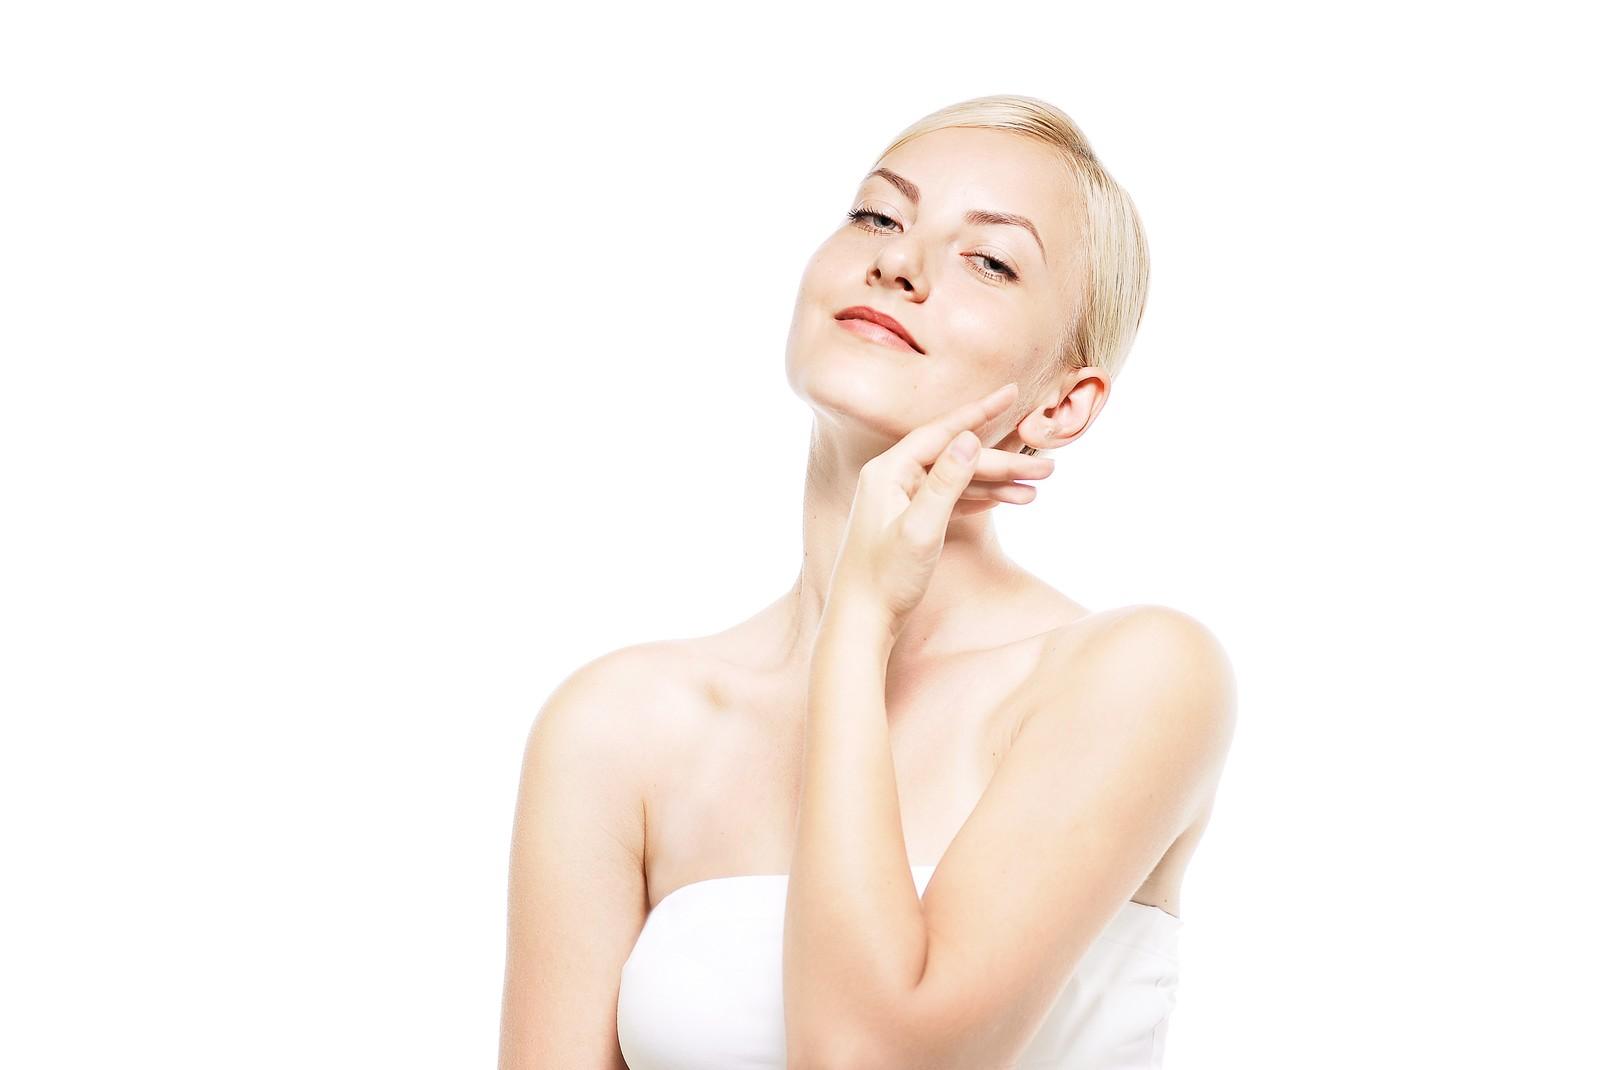 【美容】ビタミンC お肌とアンチエイジングは想像以上の摂取が必須!